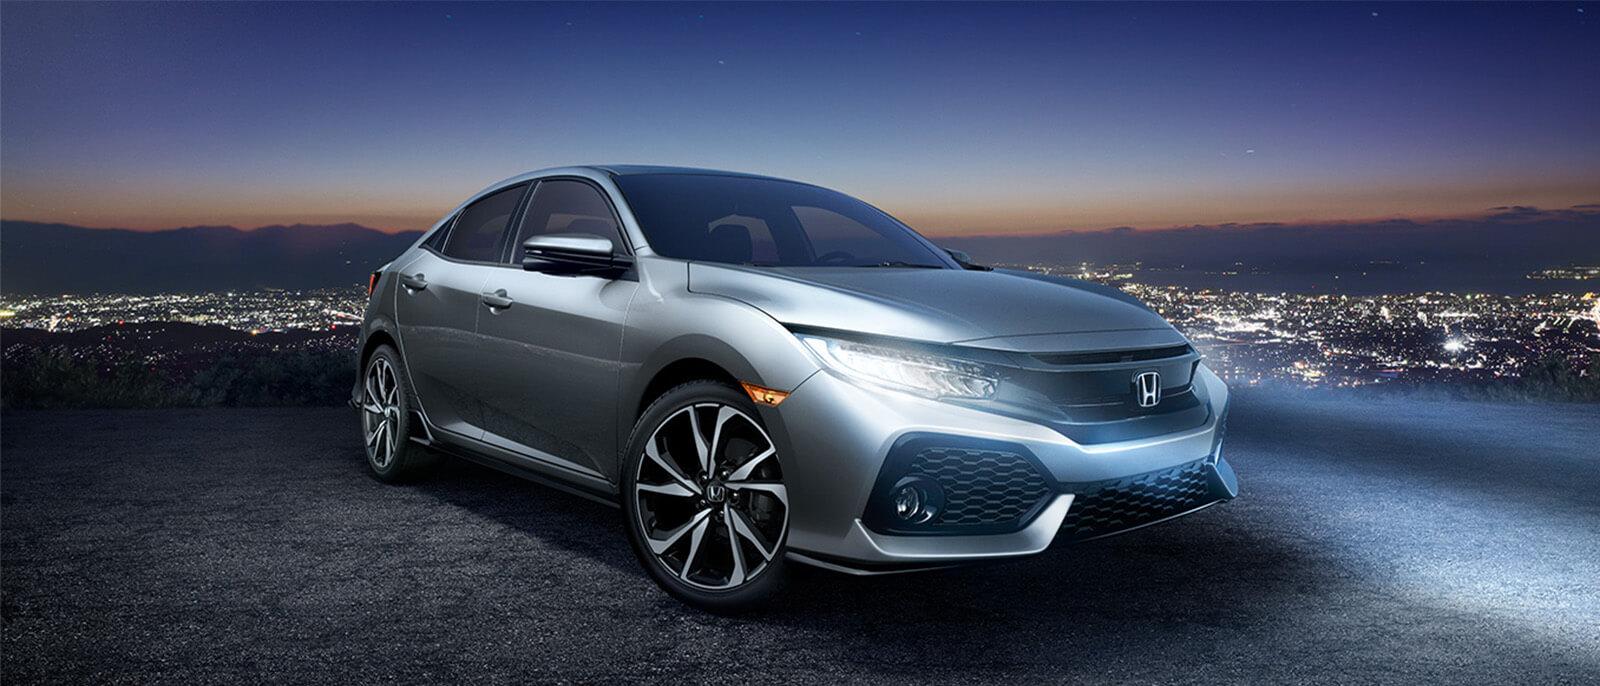 2017-Honda-Civic-Hatchback-Slide3